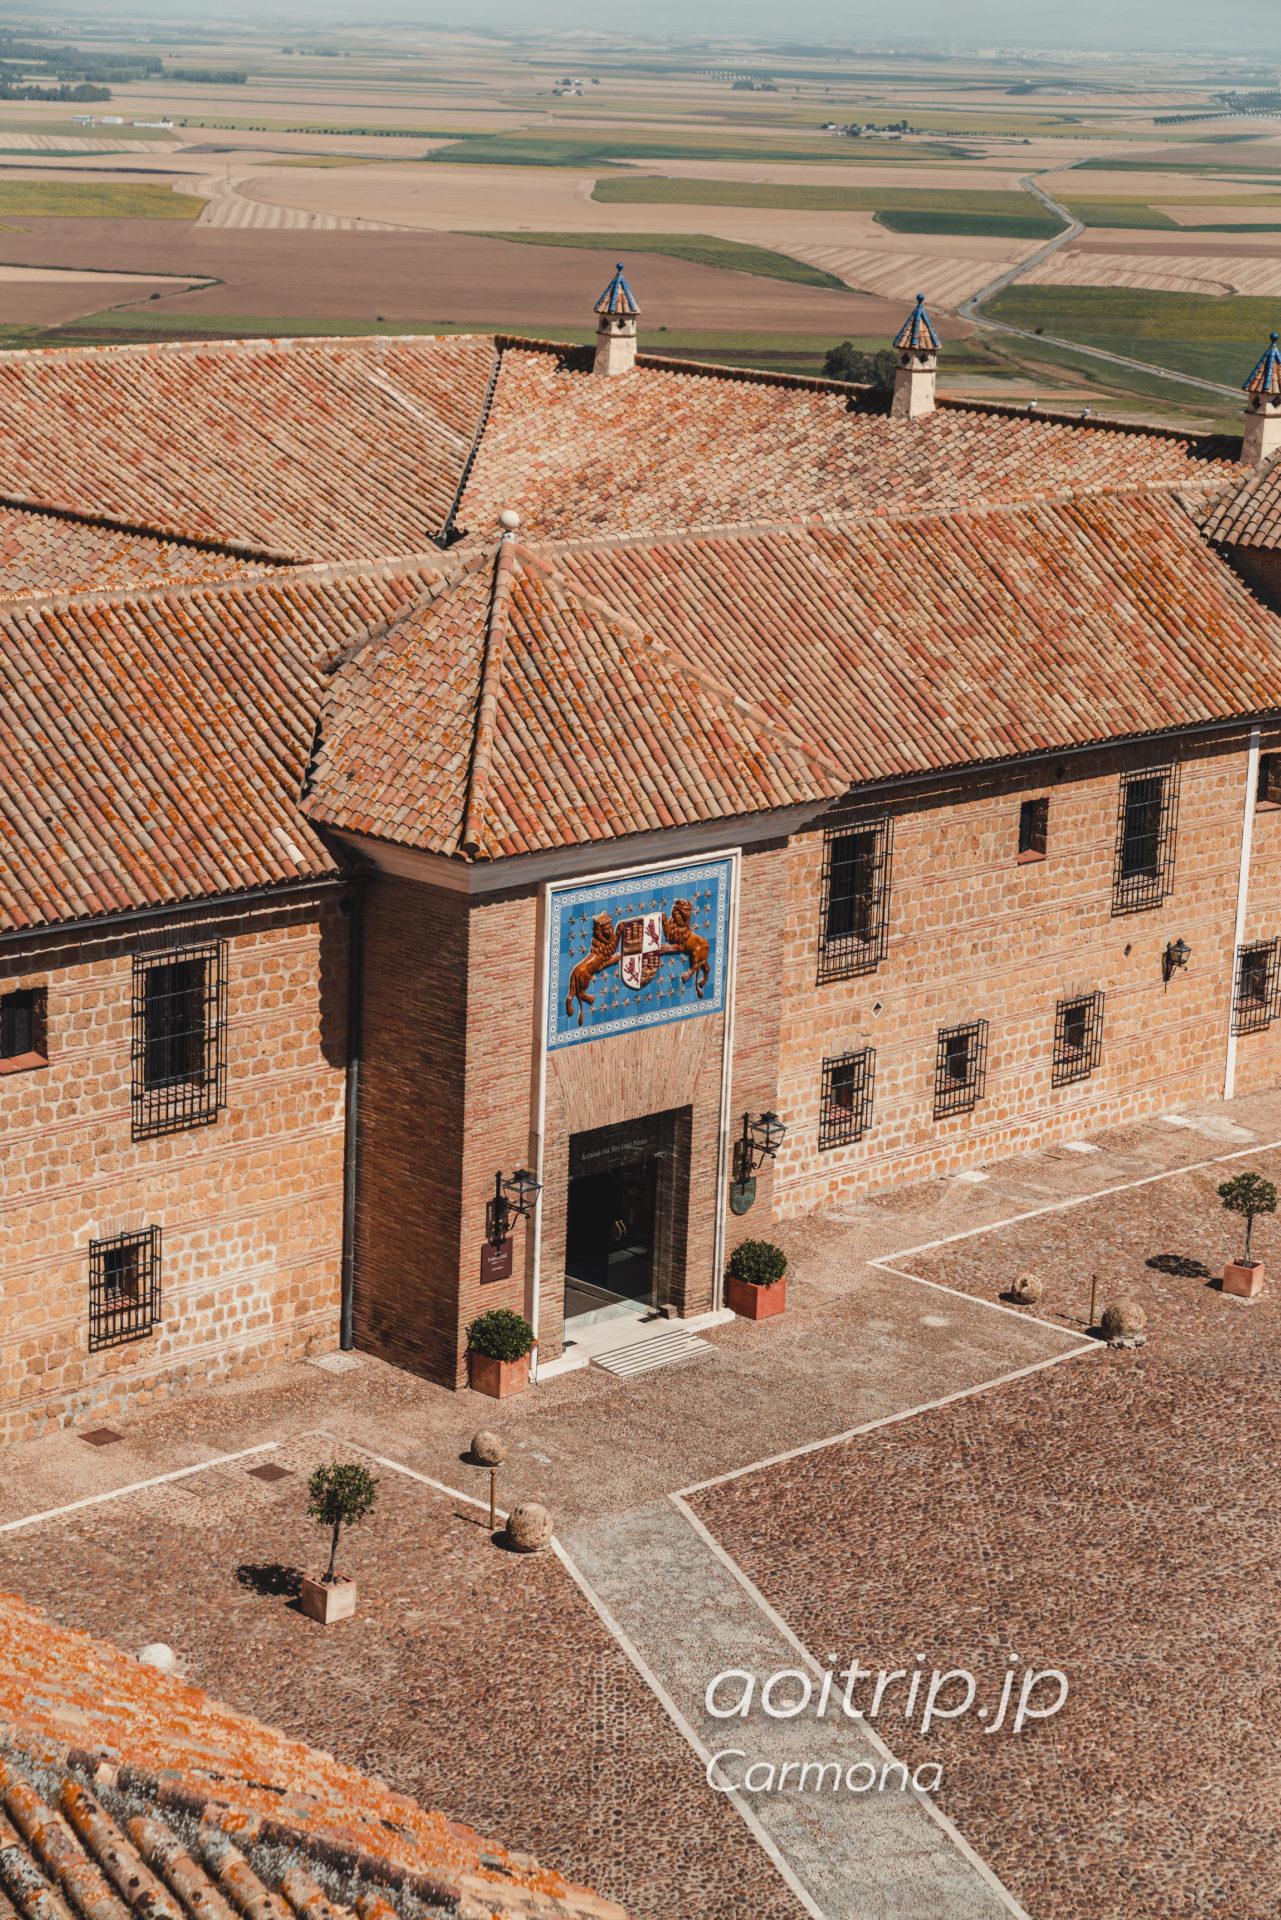 カルモナのAlcázar del Rey don Pedroから望むパラドールデカルモナ